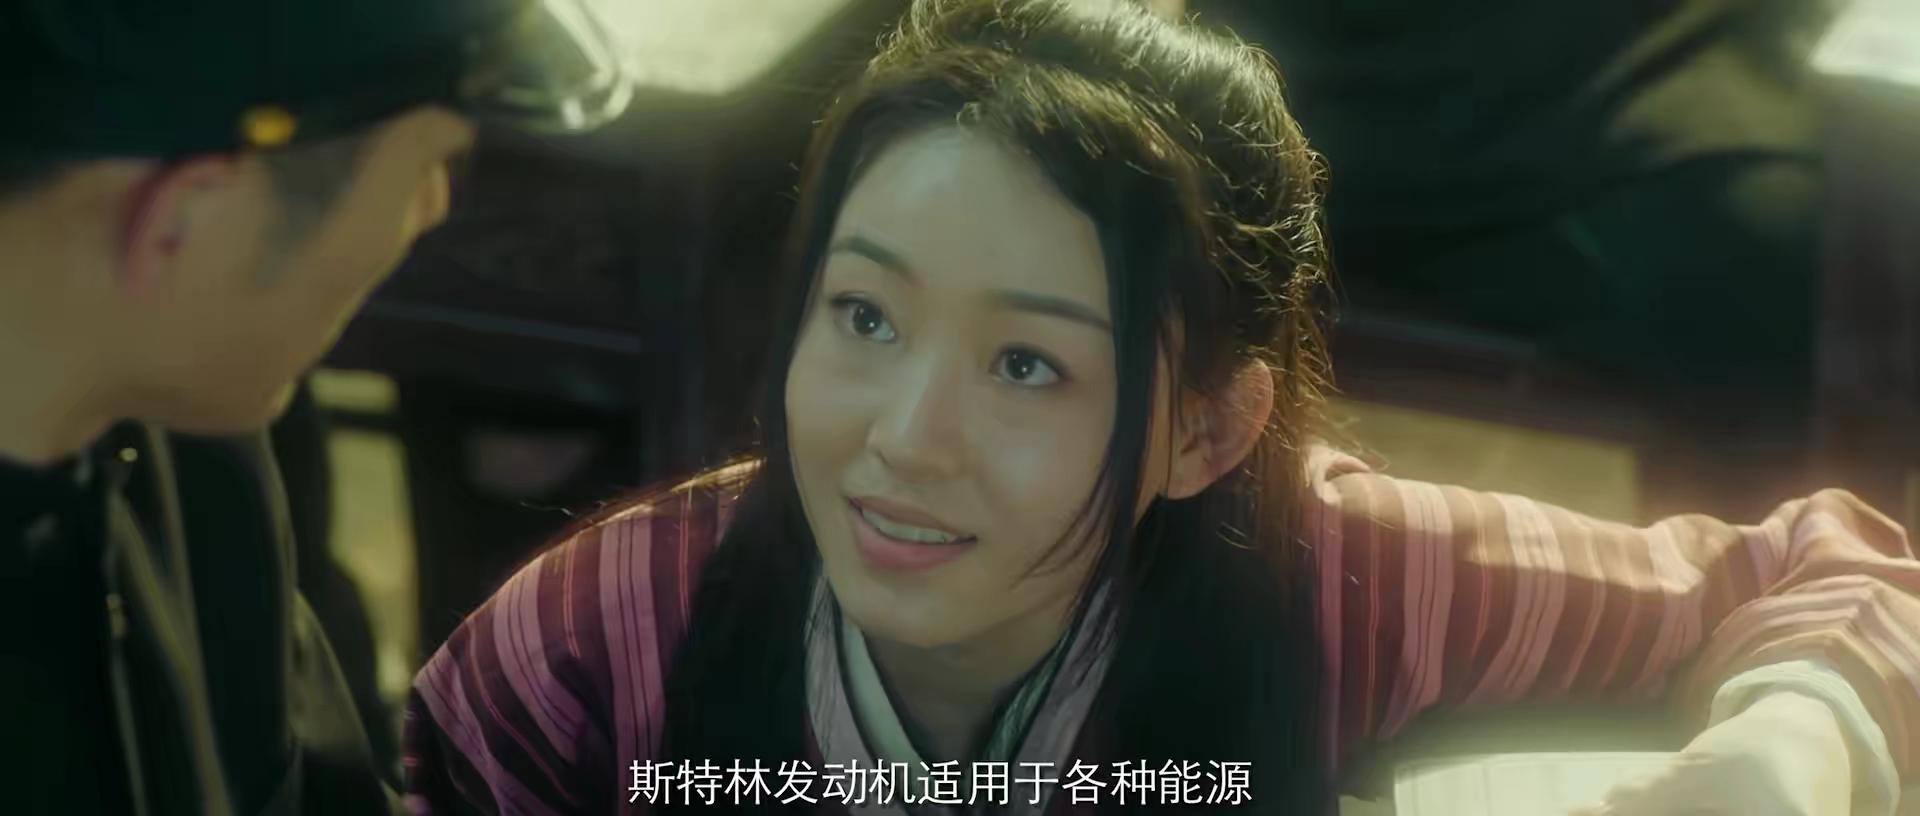 [霍家拳之精武英雄][1080P版HD-MP4/1.11G][国语中字][2019中国动作]插图